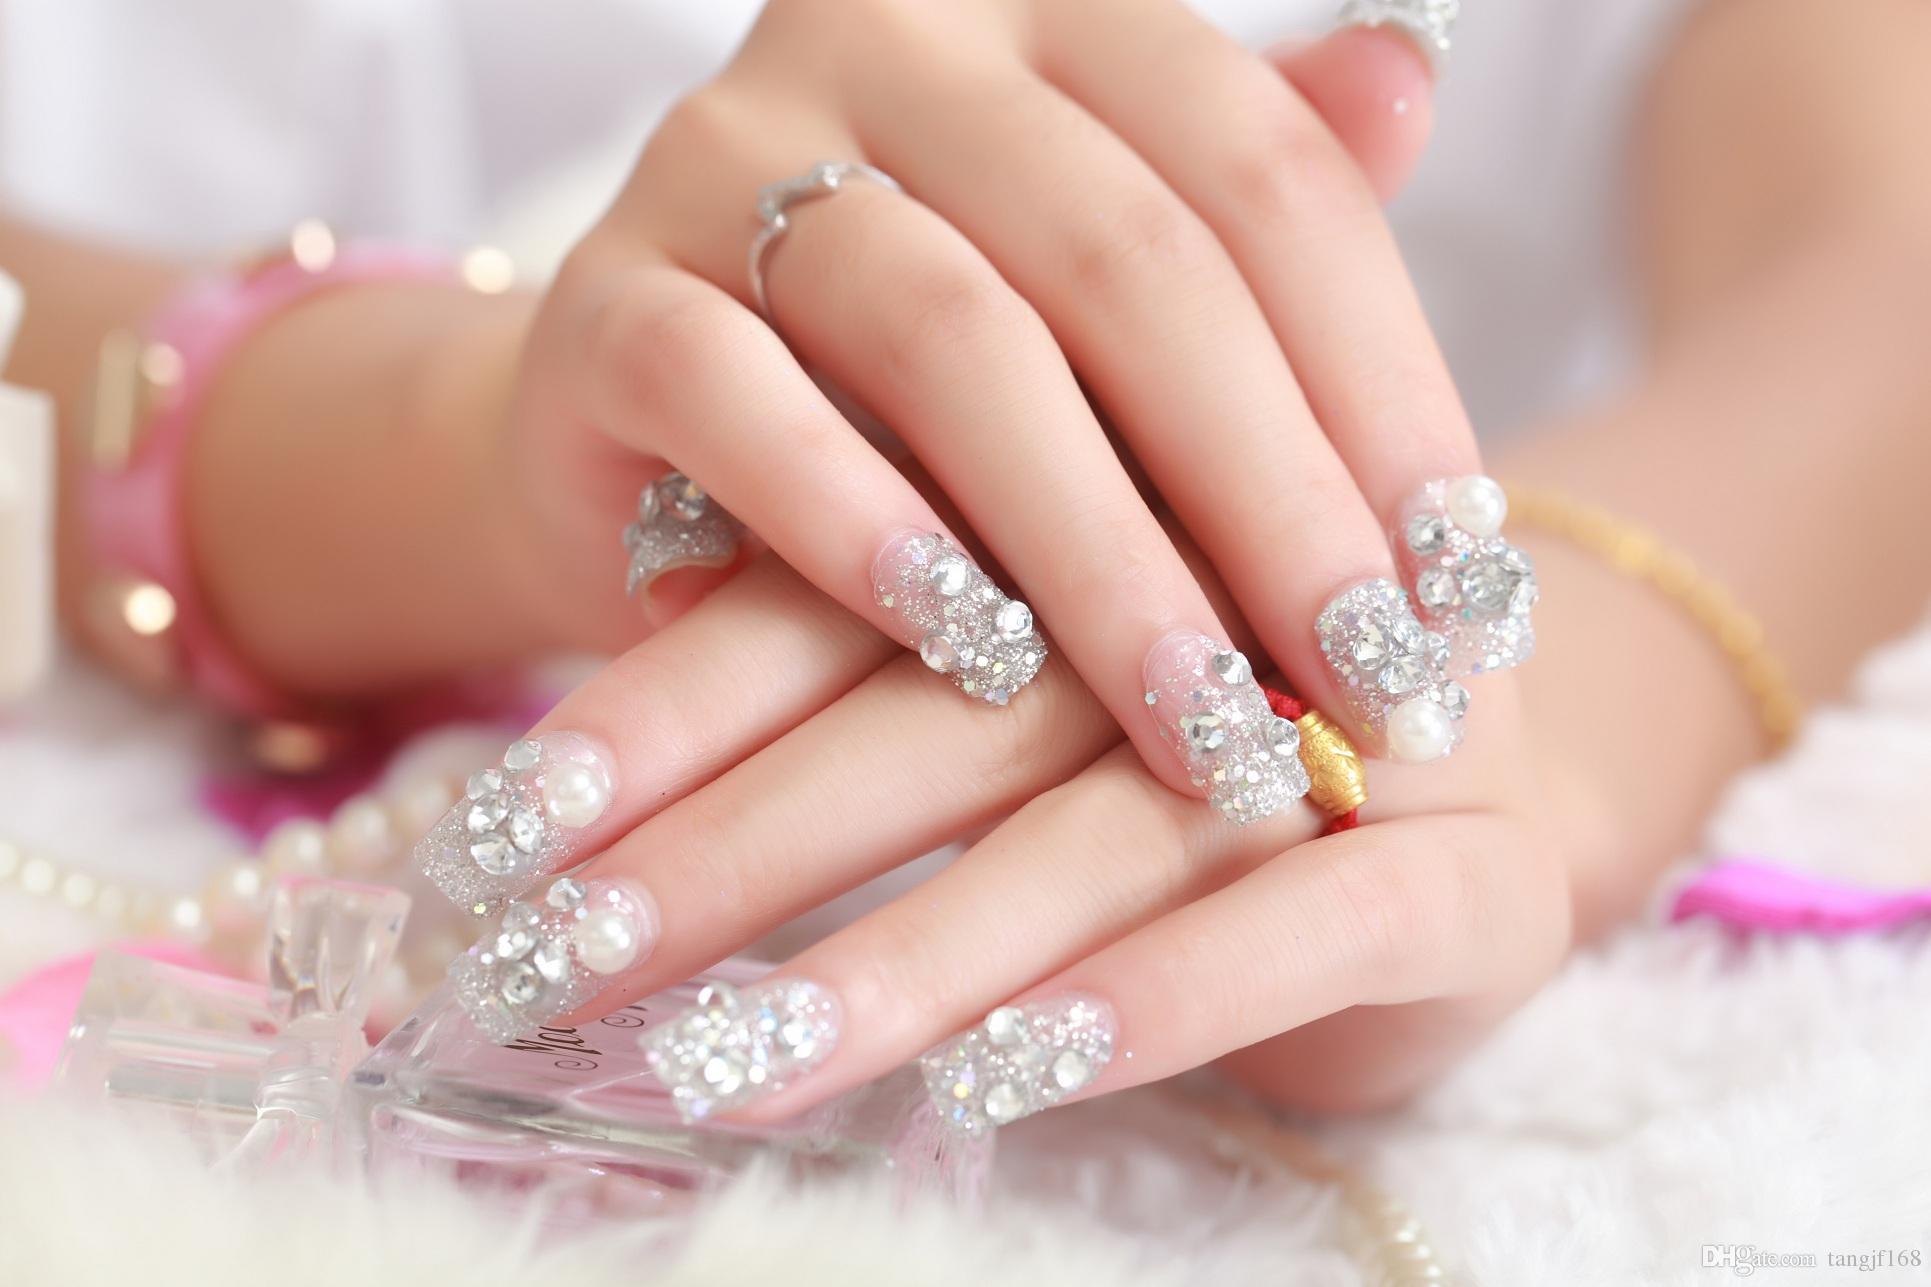 how to make fake nails shorter